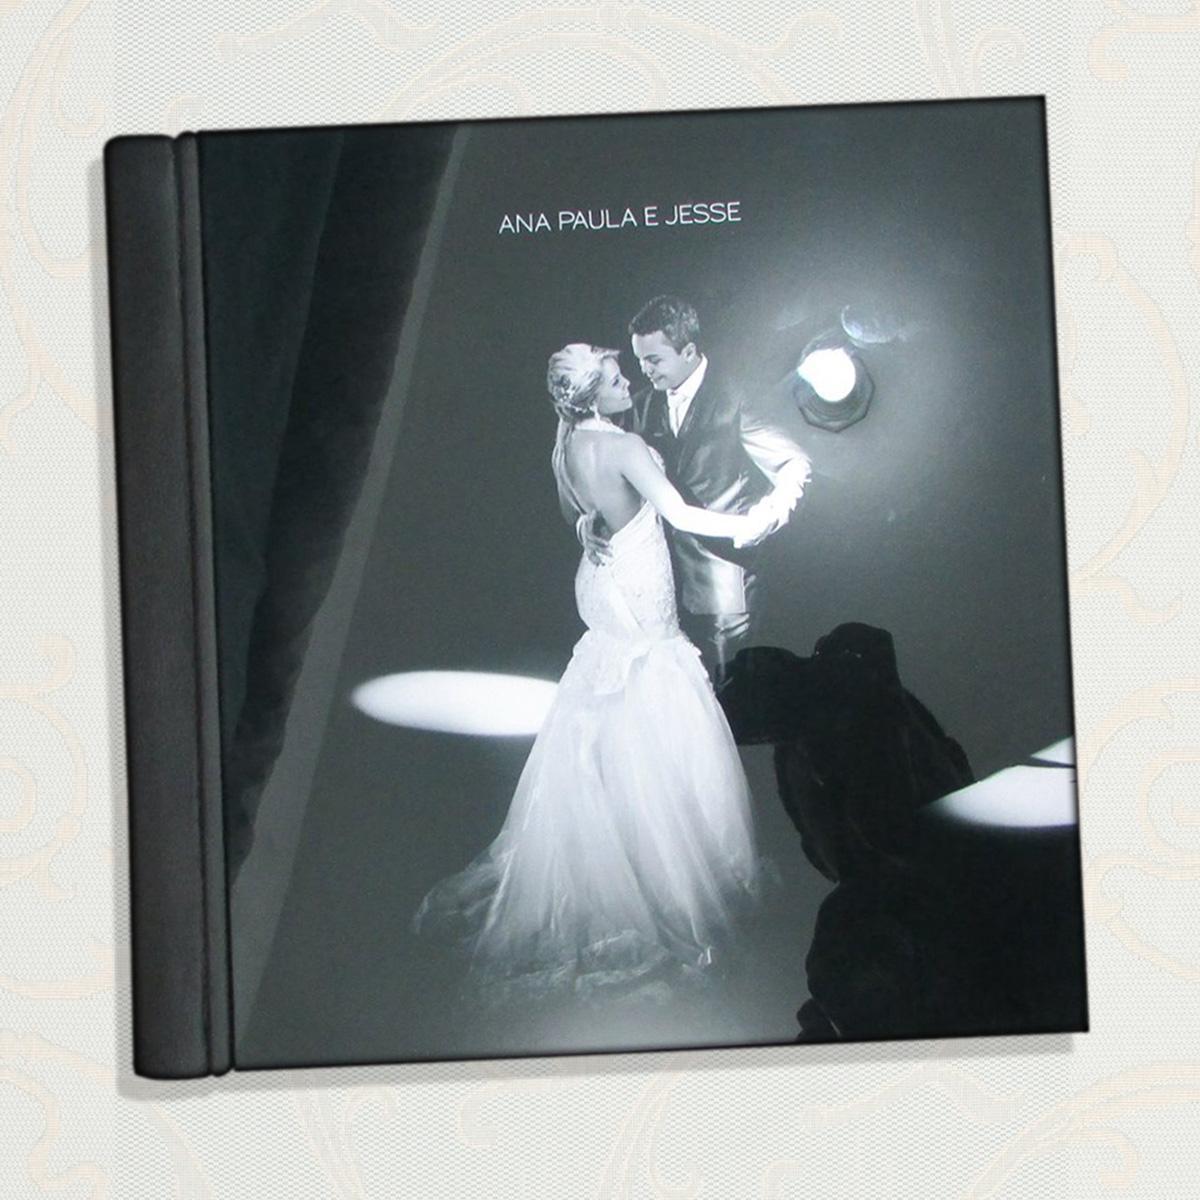 álbum Encadernado Premium Capa Em Acrílico 25x40